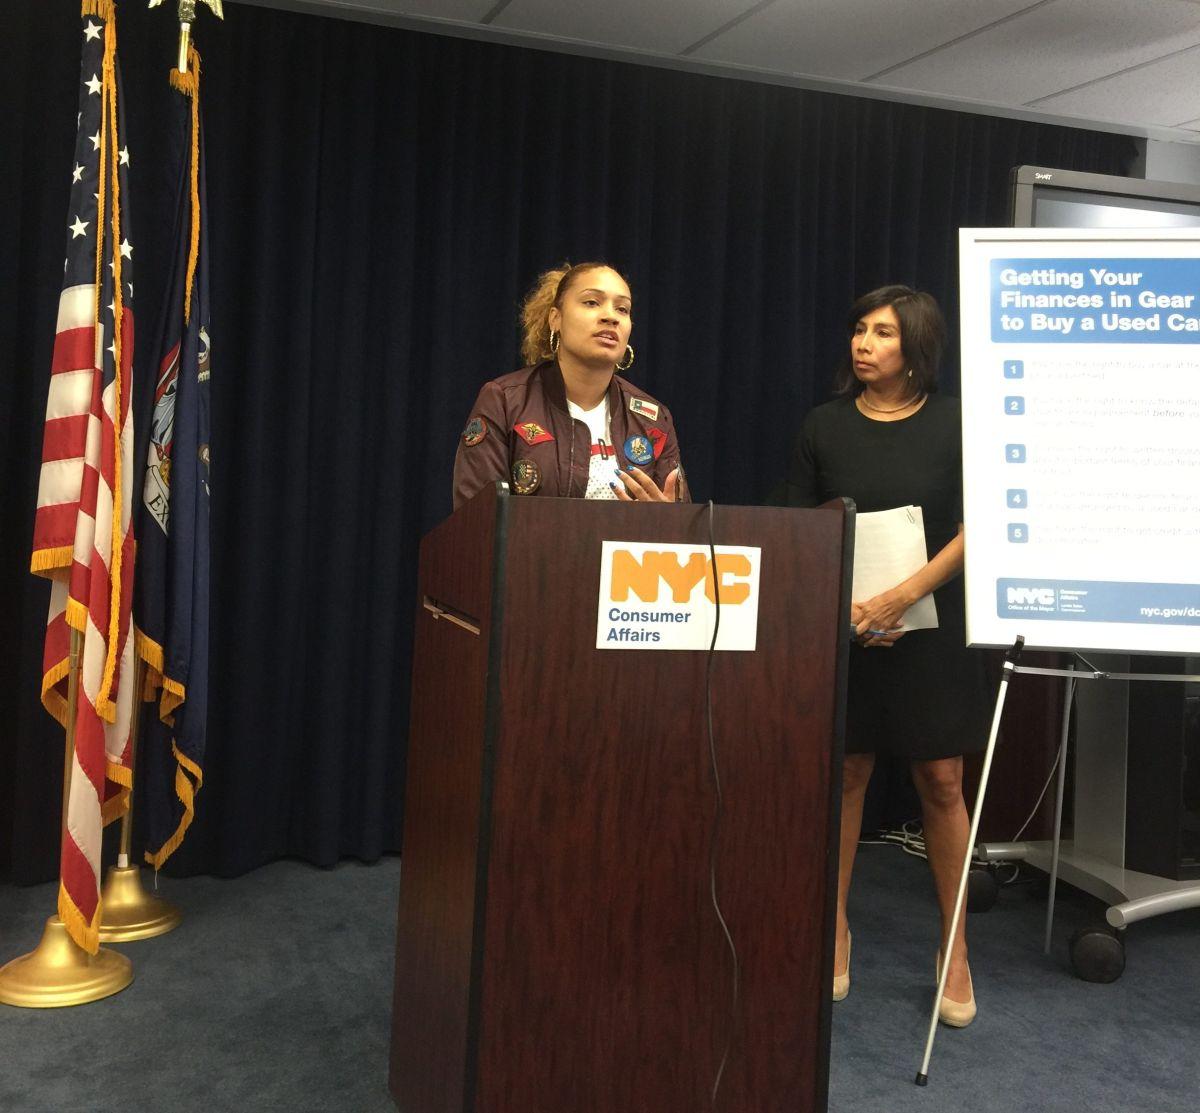 NYC acusa de prácticas ilegales a tres concesionarios más de carros usados